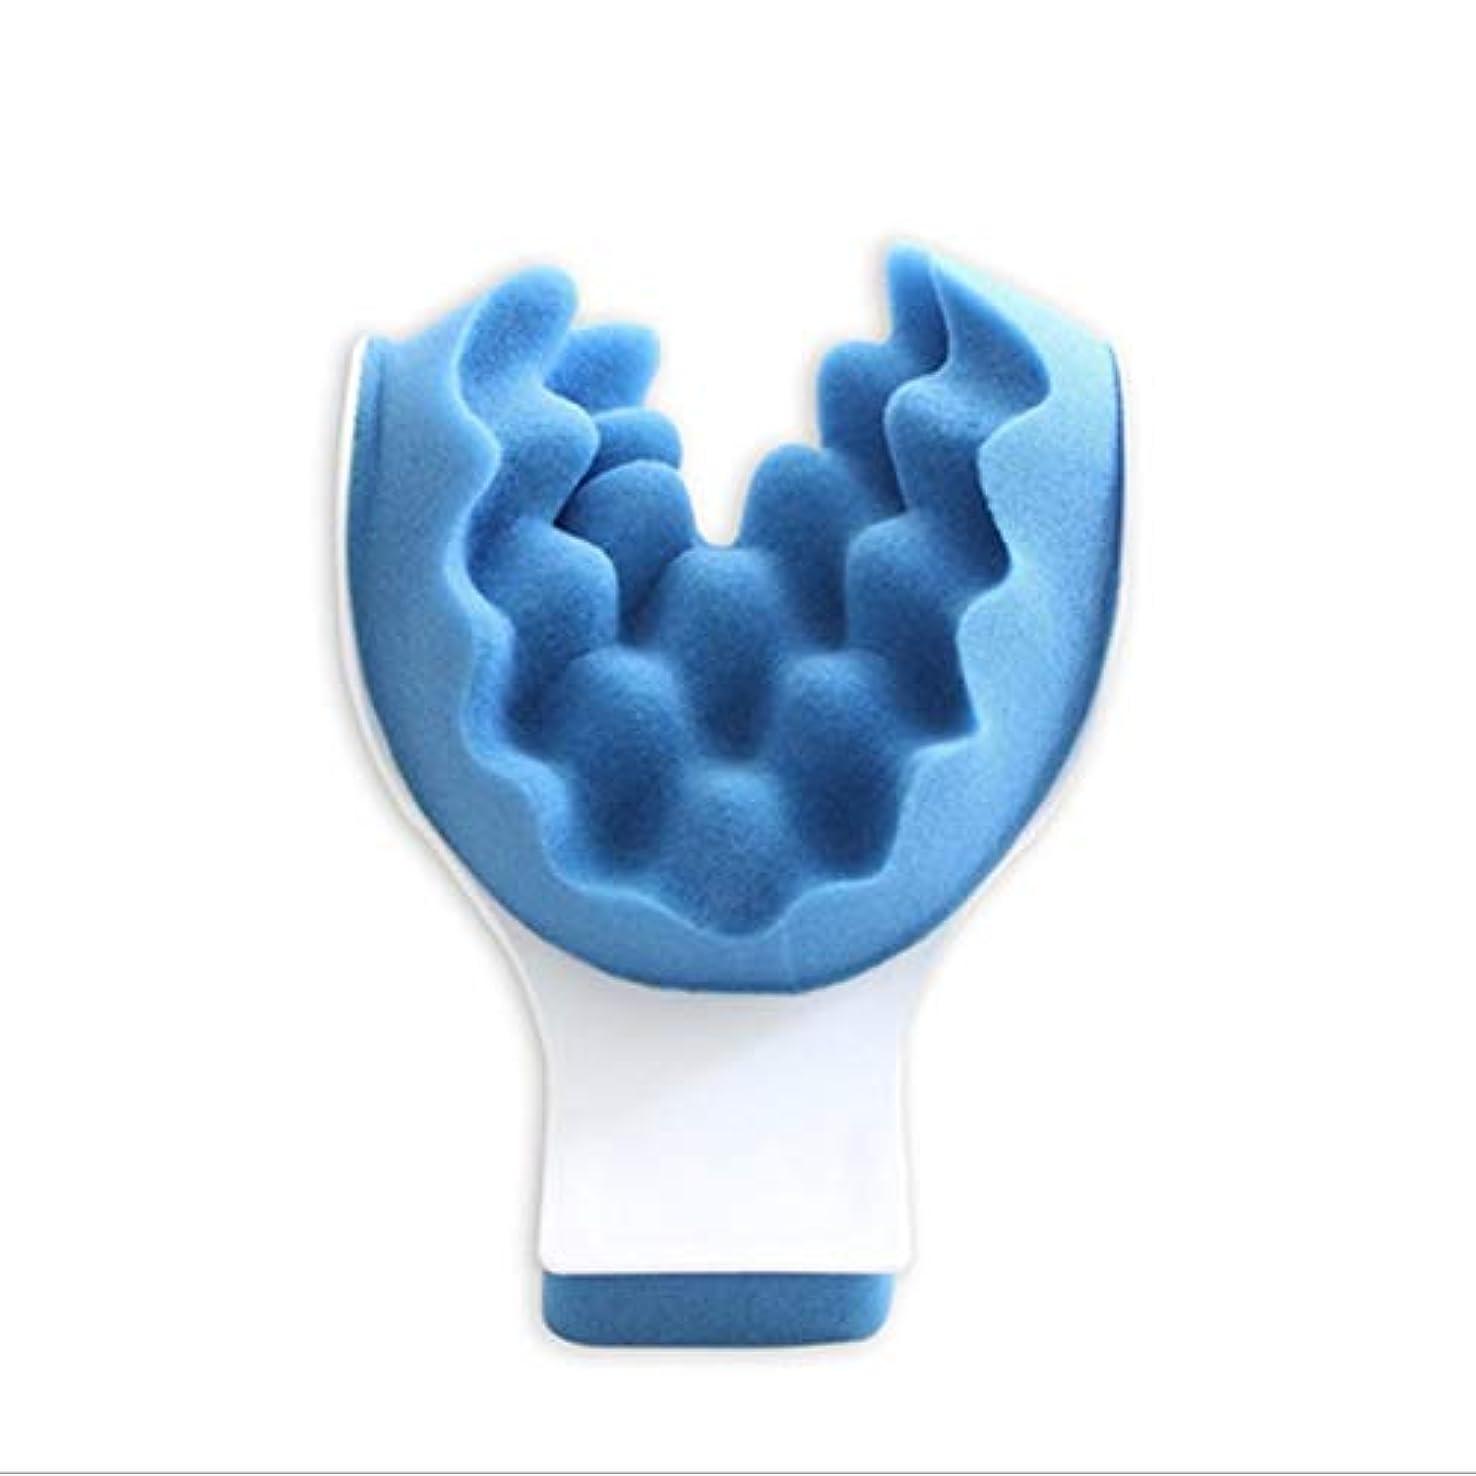 細い手配する解くマッスルテンションリリーフタイトネスと痛みの緩和セラピーティックネックサポートテンションリリーフネック&ショルダーリラクサー - ブルー